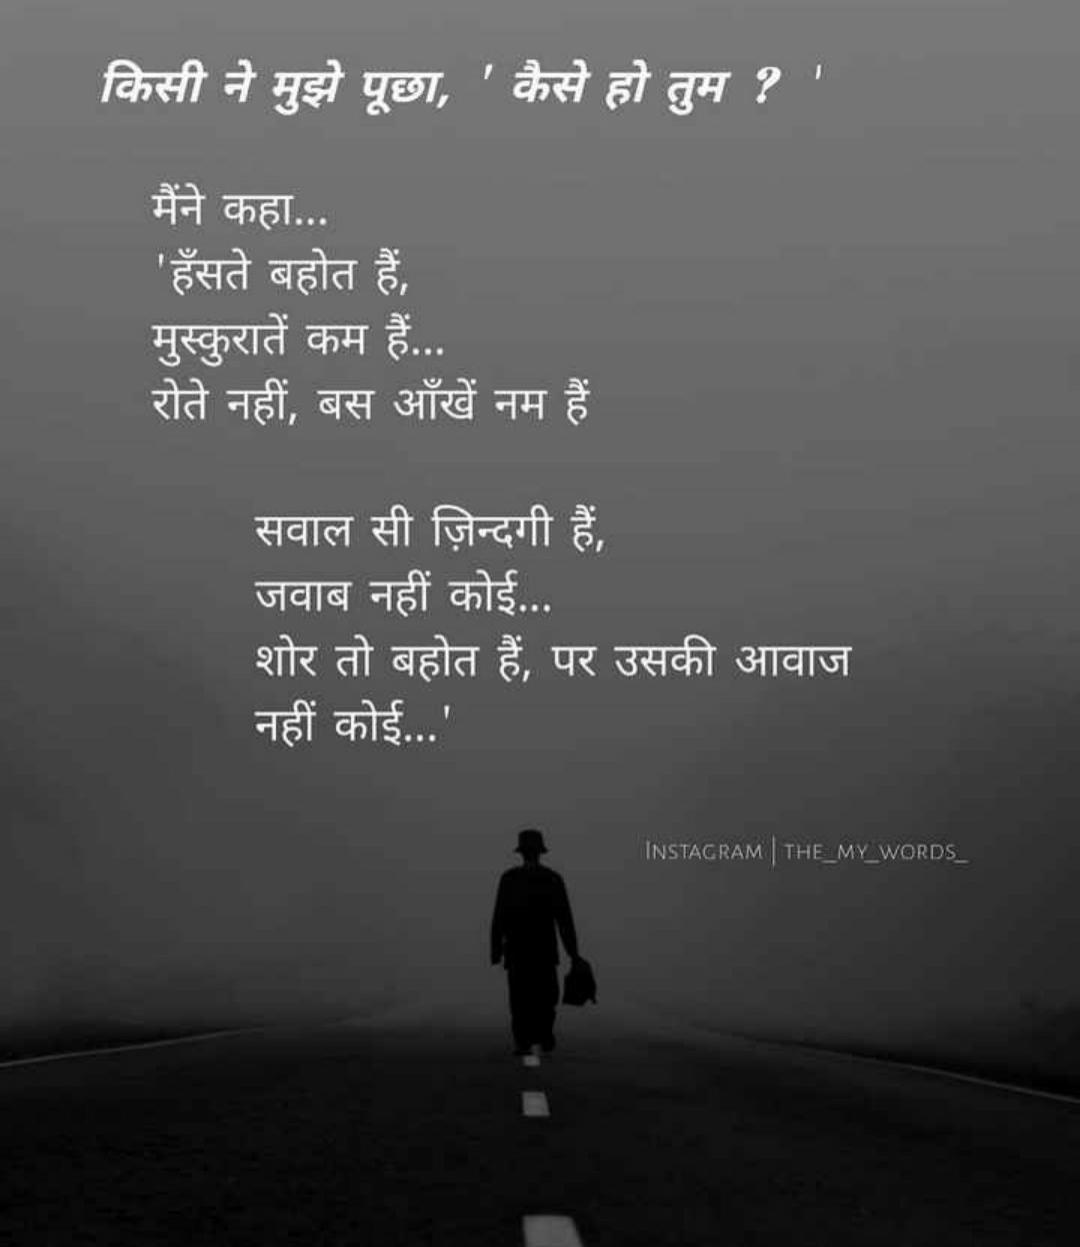 suvichar-in-hindi-status-2.jpg